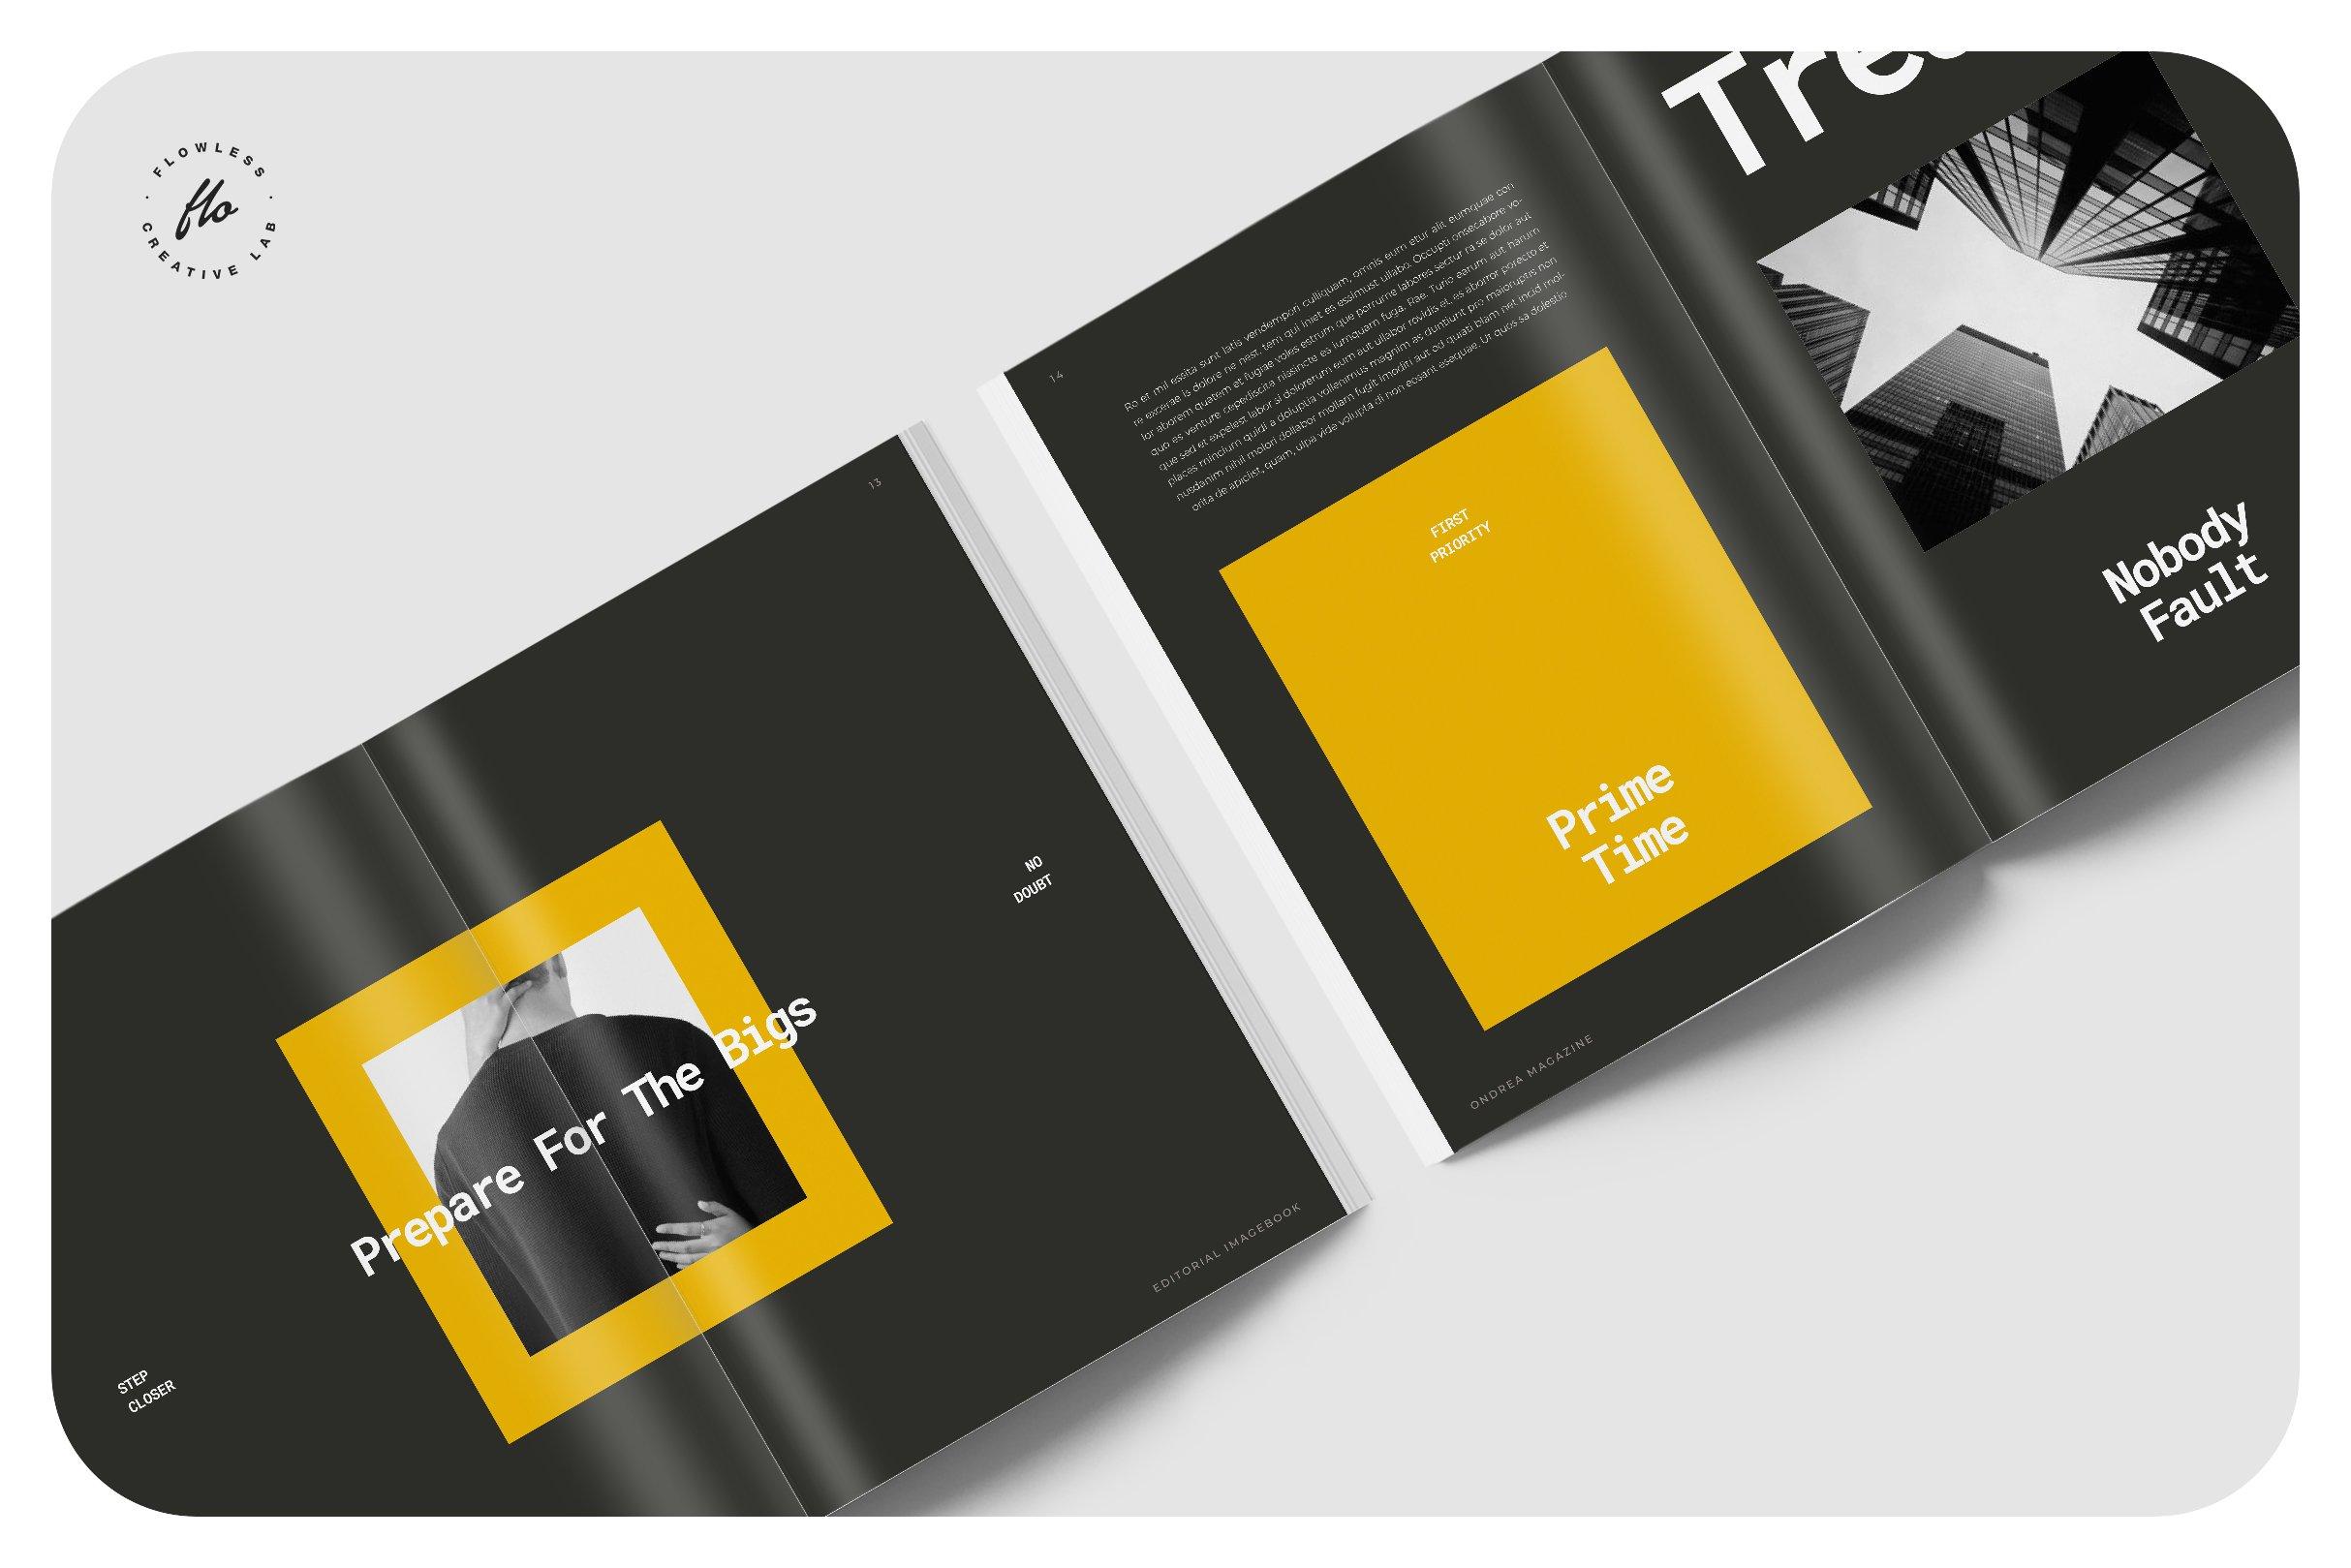 摄影作品集设计INDD画册模板 DIMENSI Editorial Imagebook插图(2)